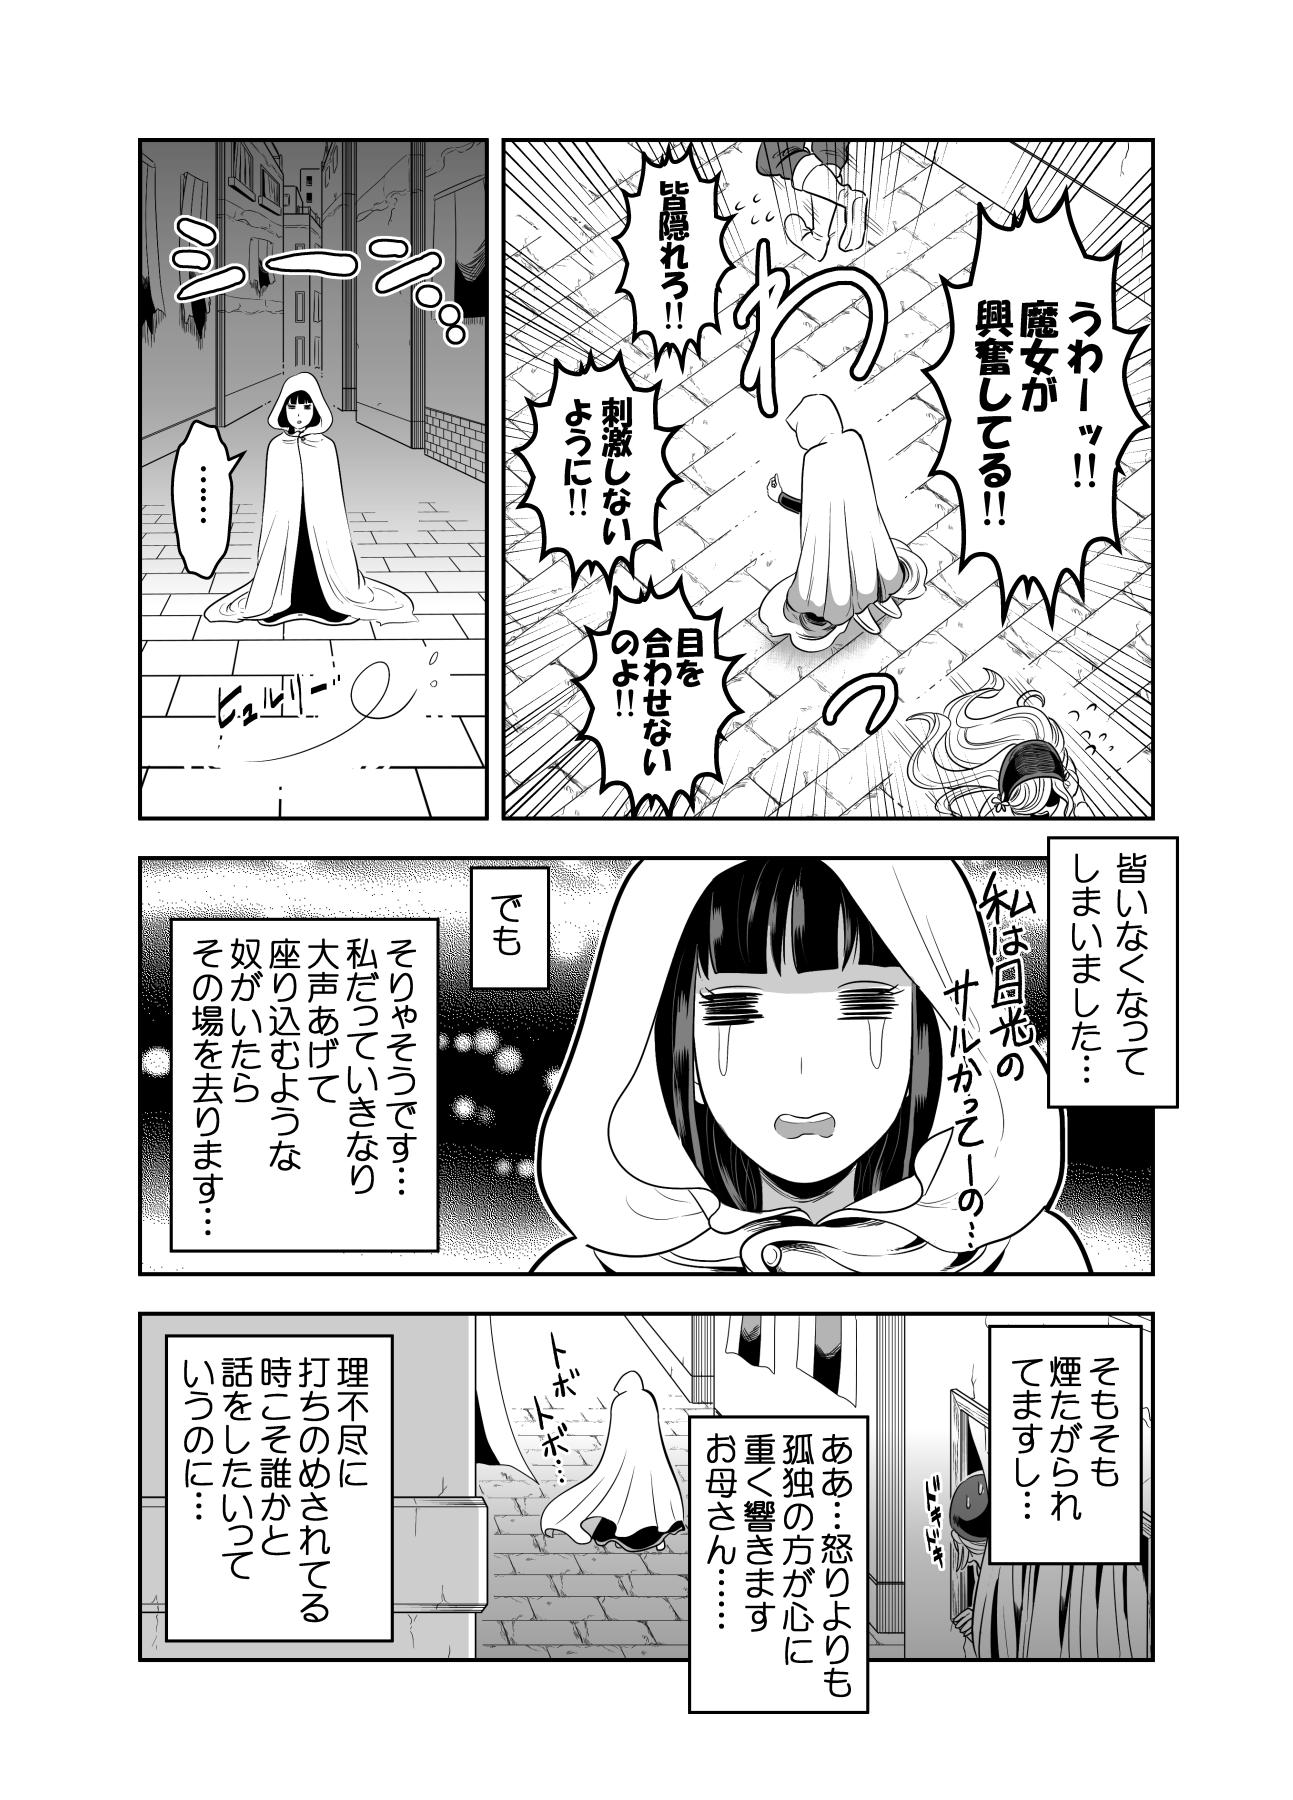 ヤサグレ魔女と第1王子と吸血鬼①0015